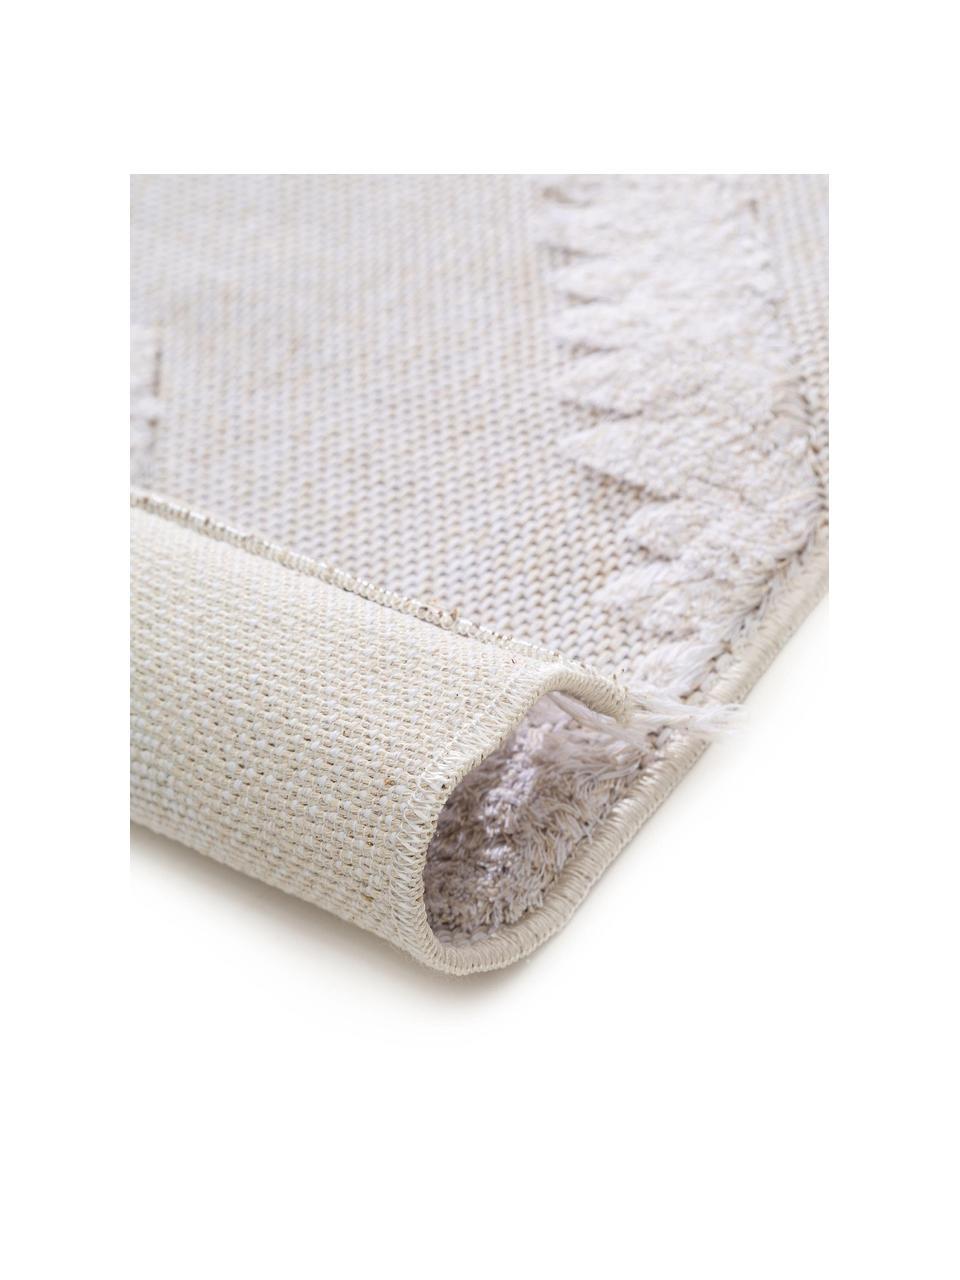 Tappeto in cotone lavato con motivo a rilievo Oslo, 100% cotone, Bianco crema, beige, Larg. 190 x Lung. 280 cm